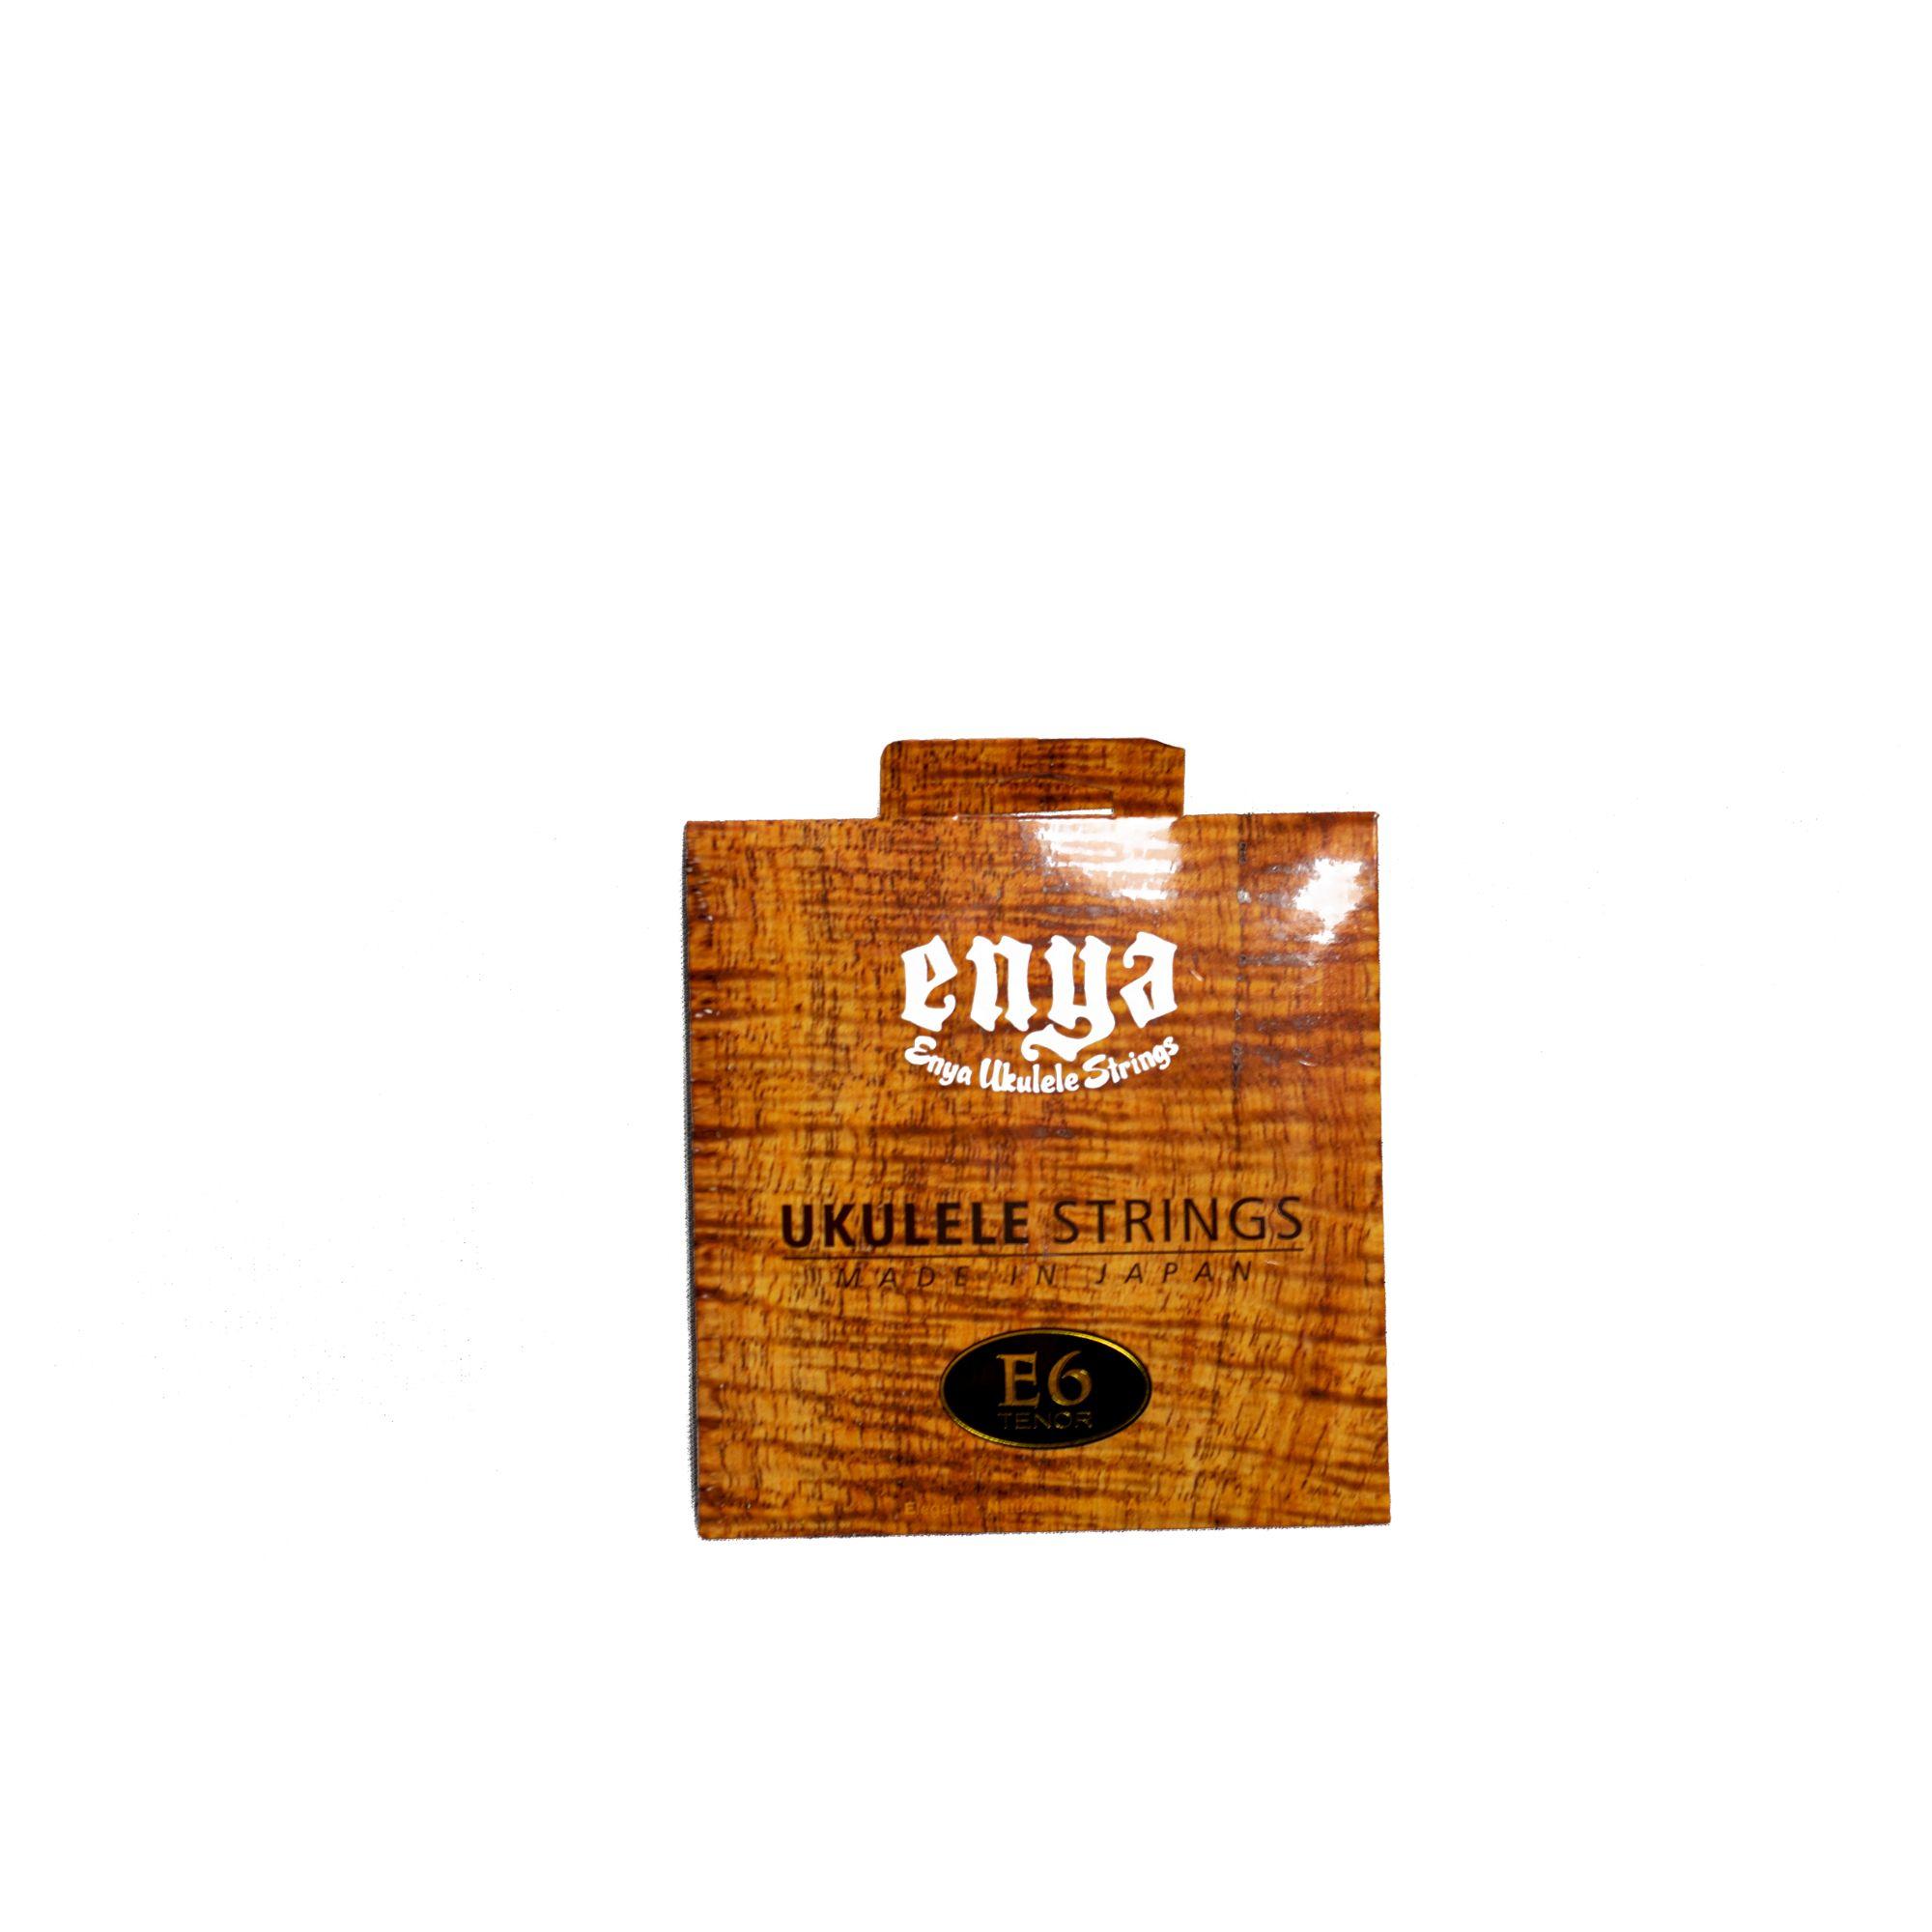 Enya E6 Ukulele Strings